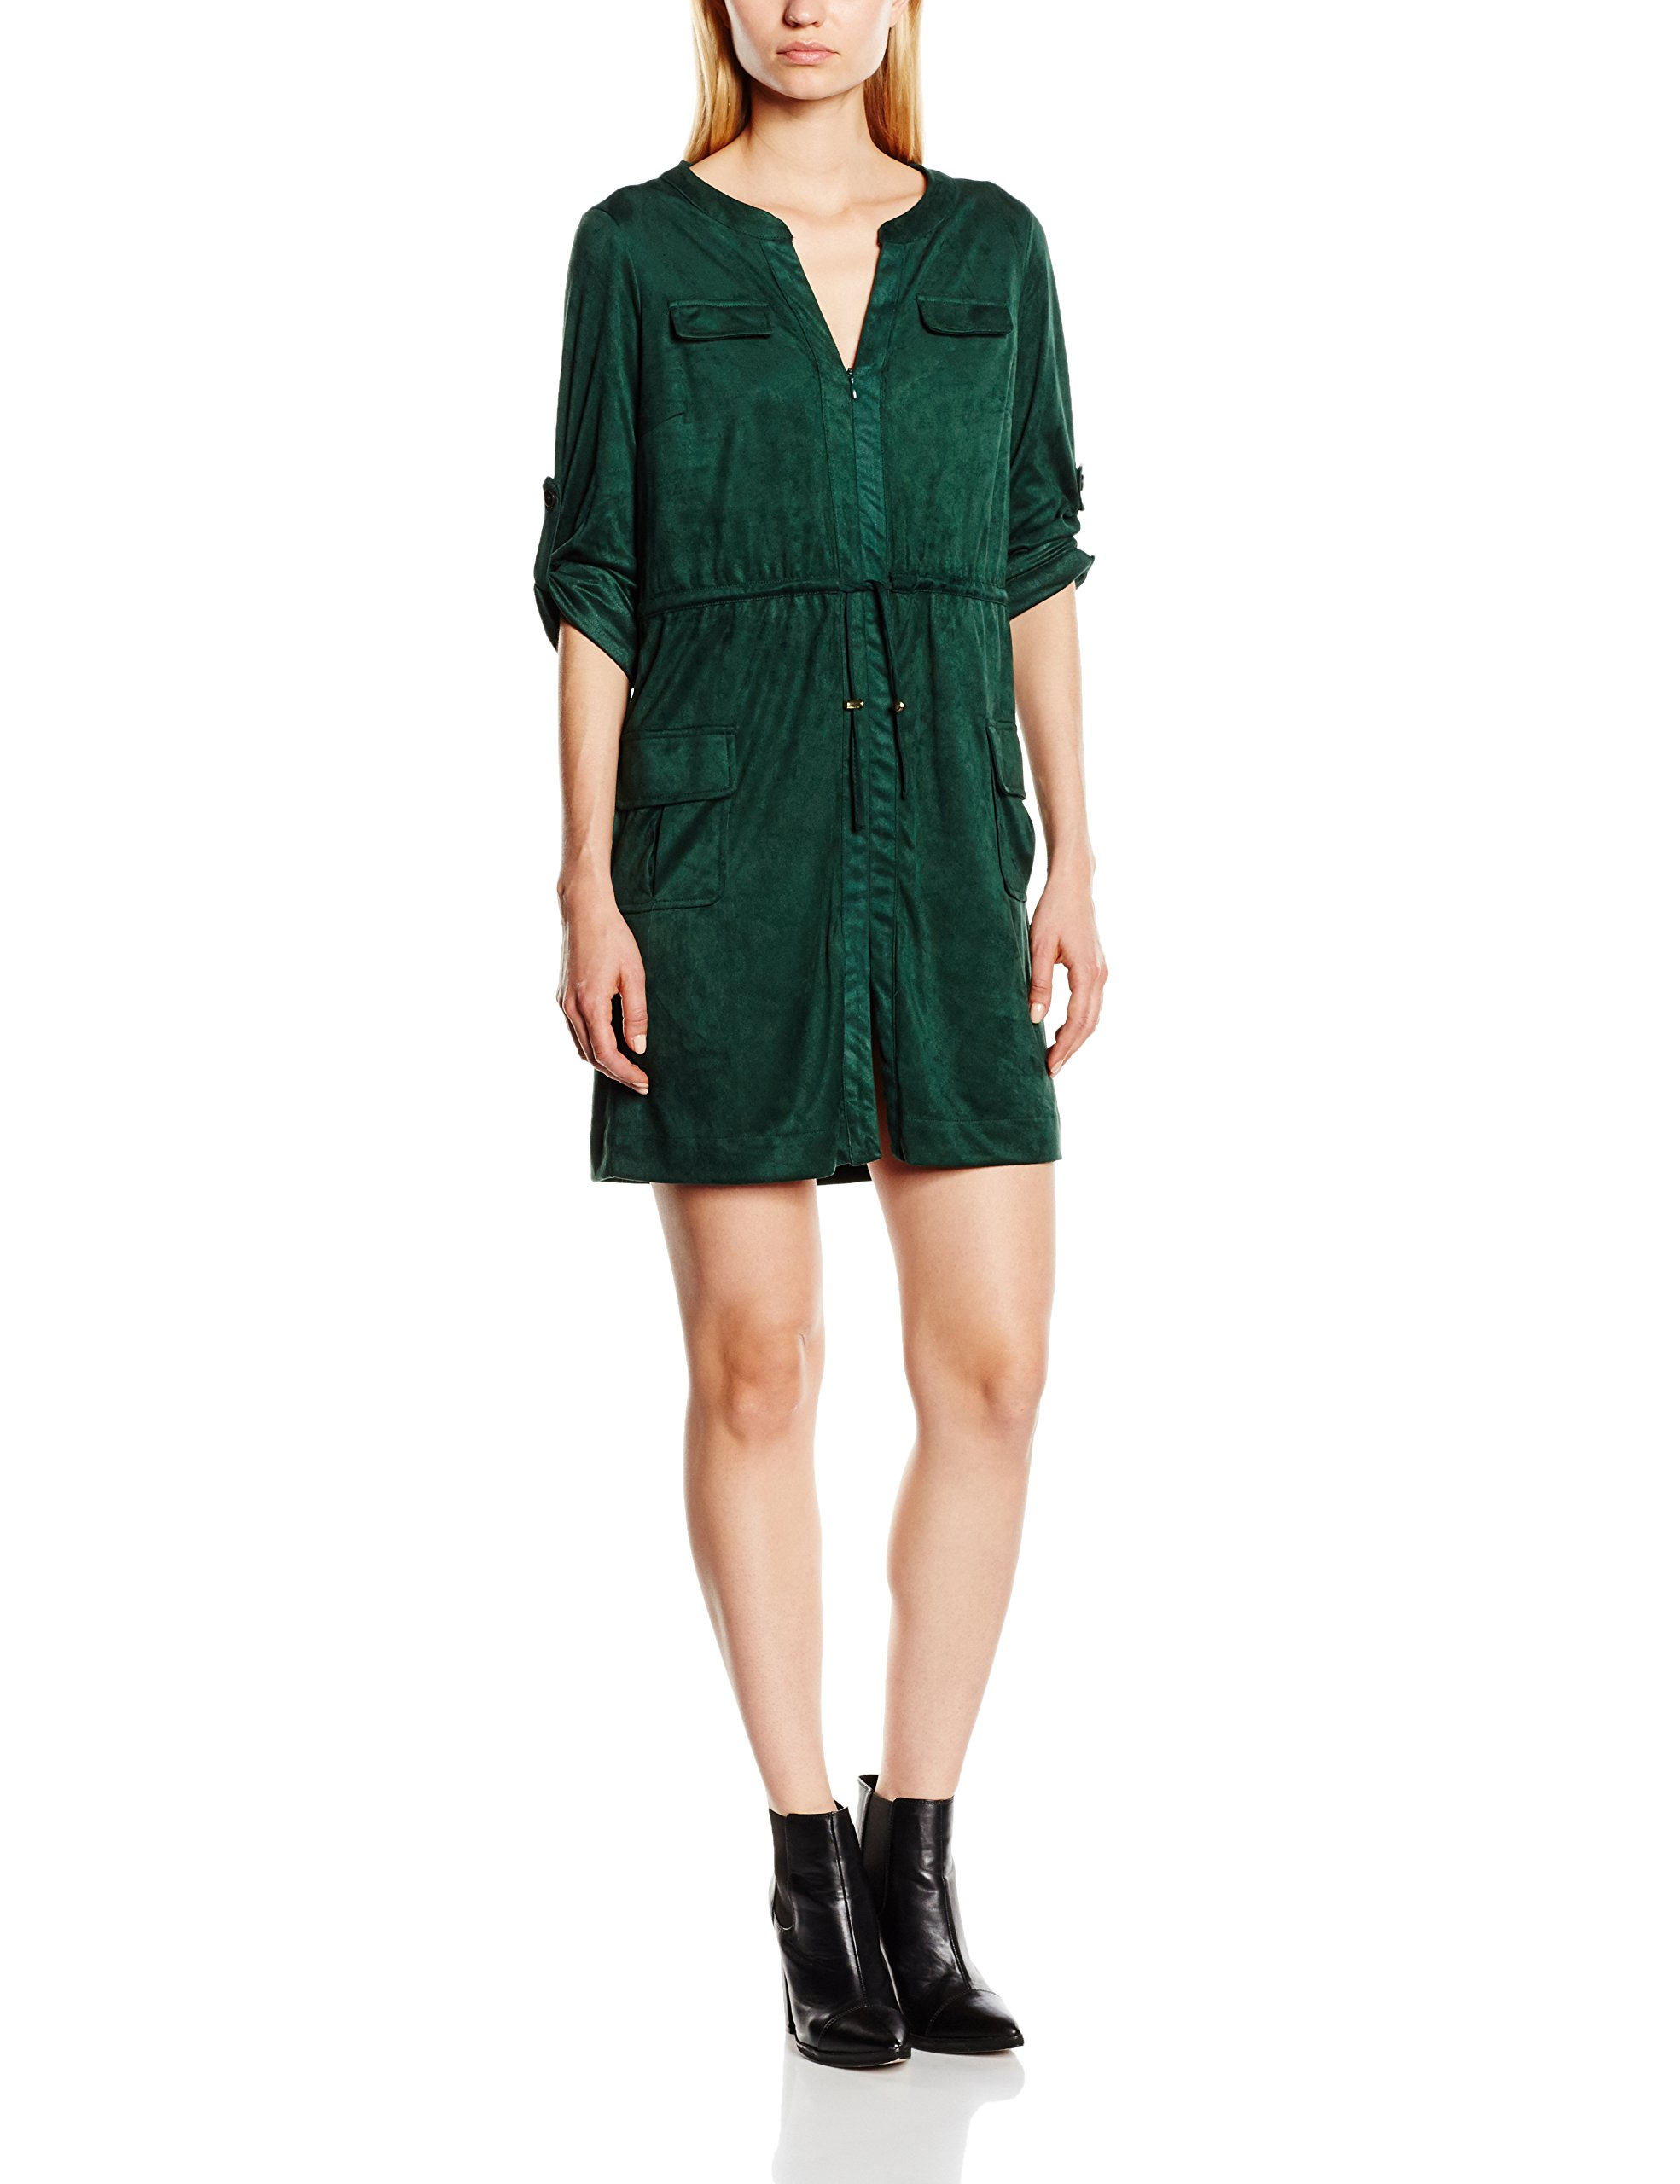 Dress Cortefiel In SuedeRobe Fake FemmeVertgreensS UpqSzVGM